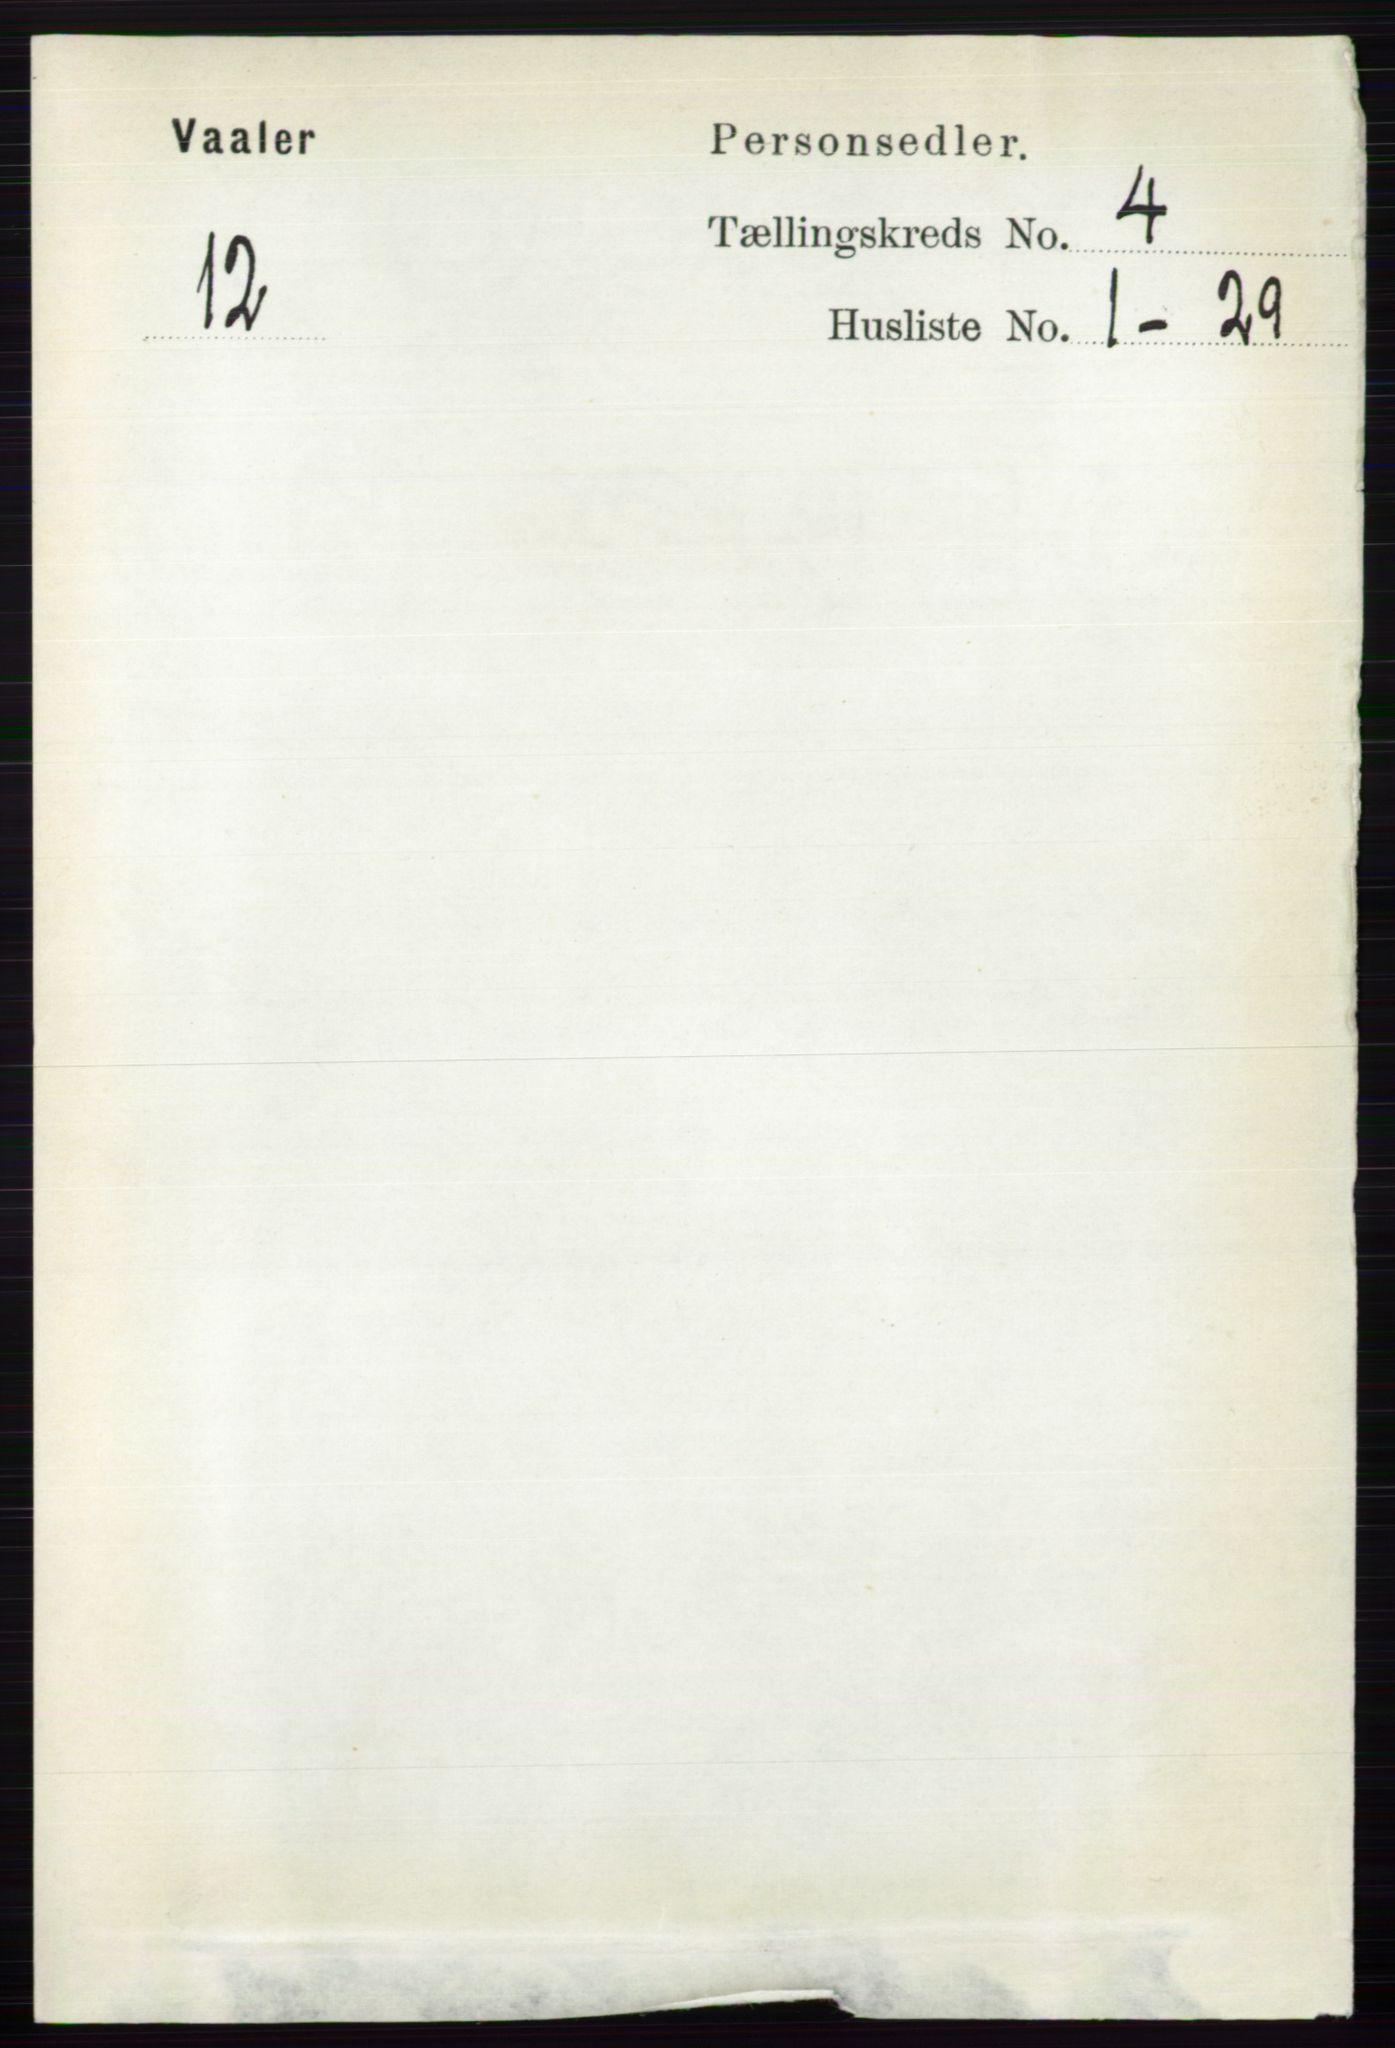 RA, Folketelling 1891 for 0426 Våler herred, 1891, s. 1462